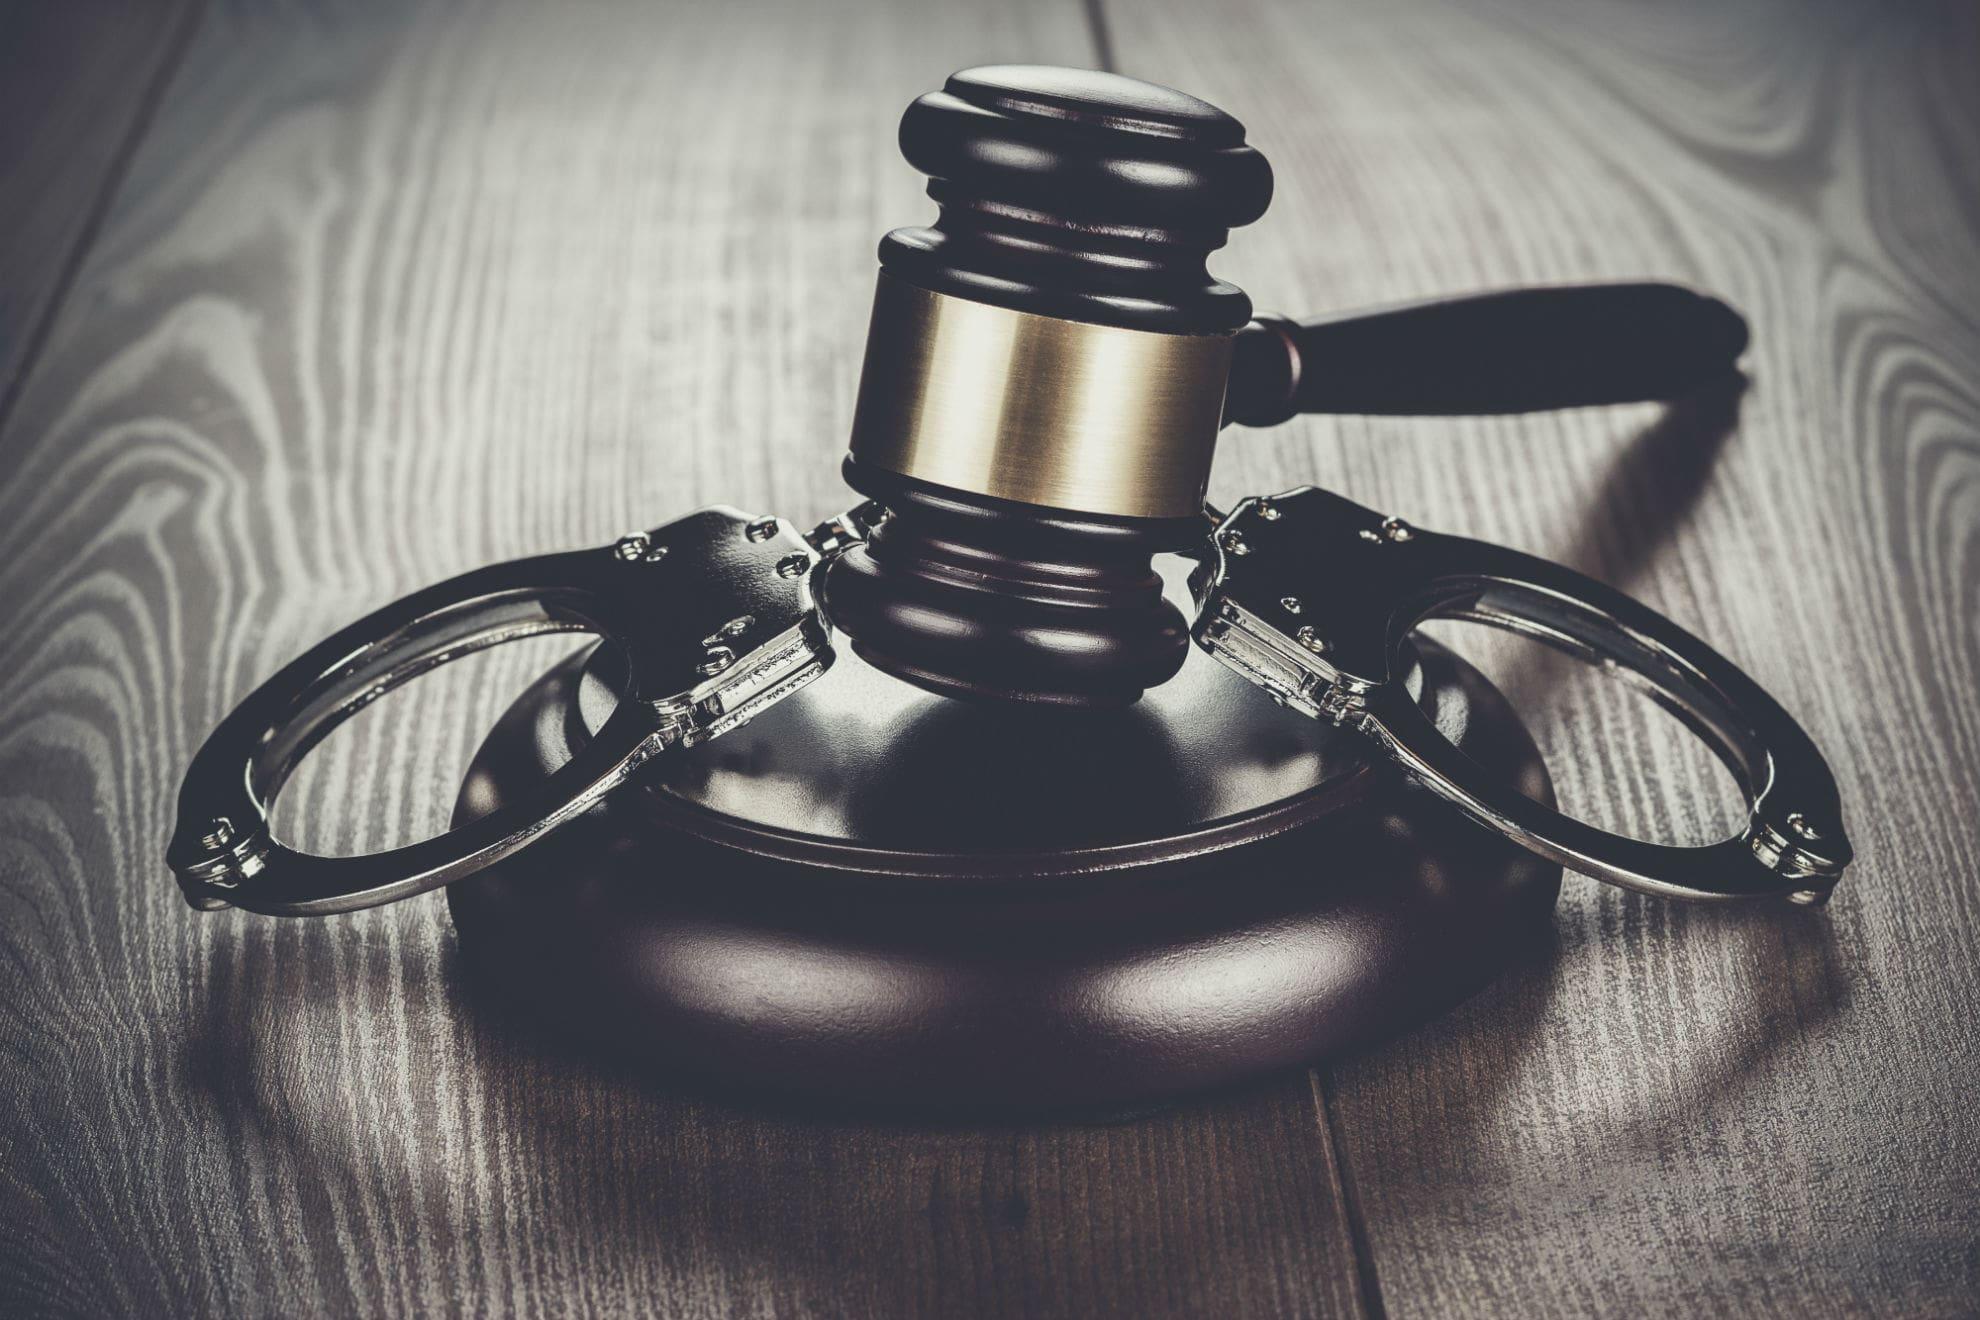 Изложение фактических обстоятельств преступления в обвинительном акте имеет значение для реализации права подозреваемого на защиту